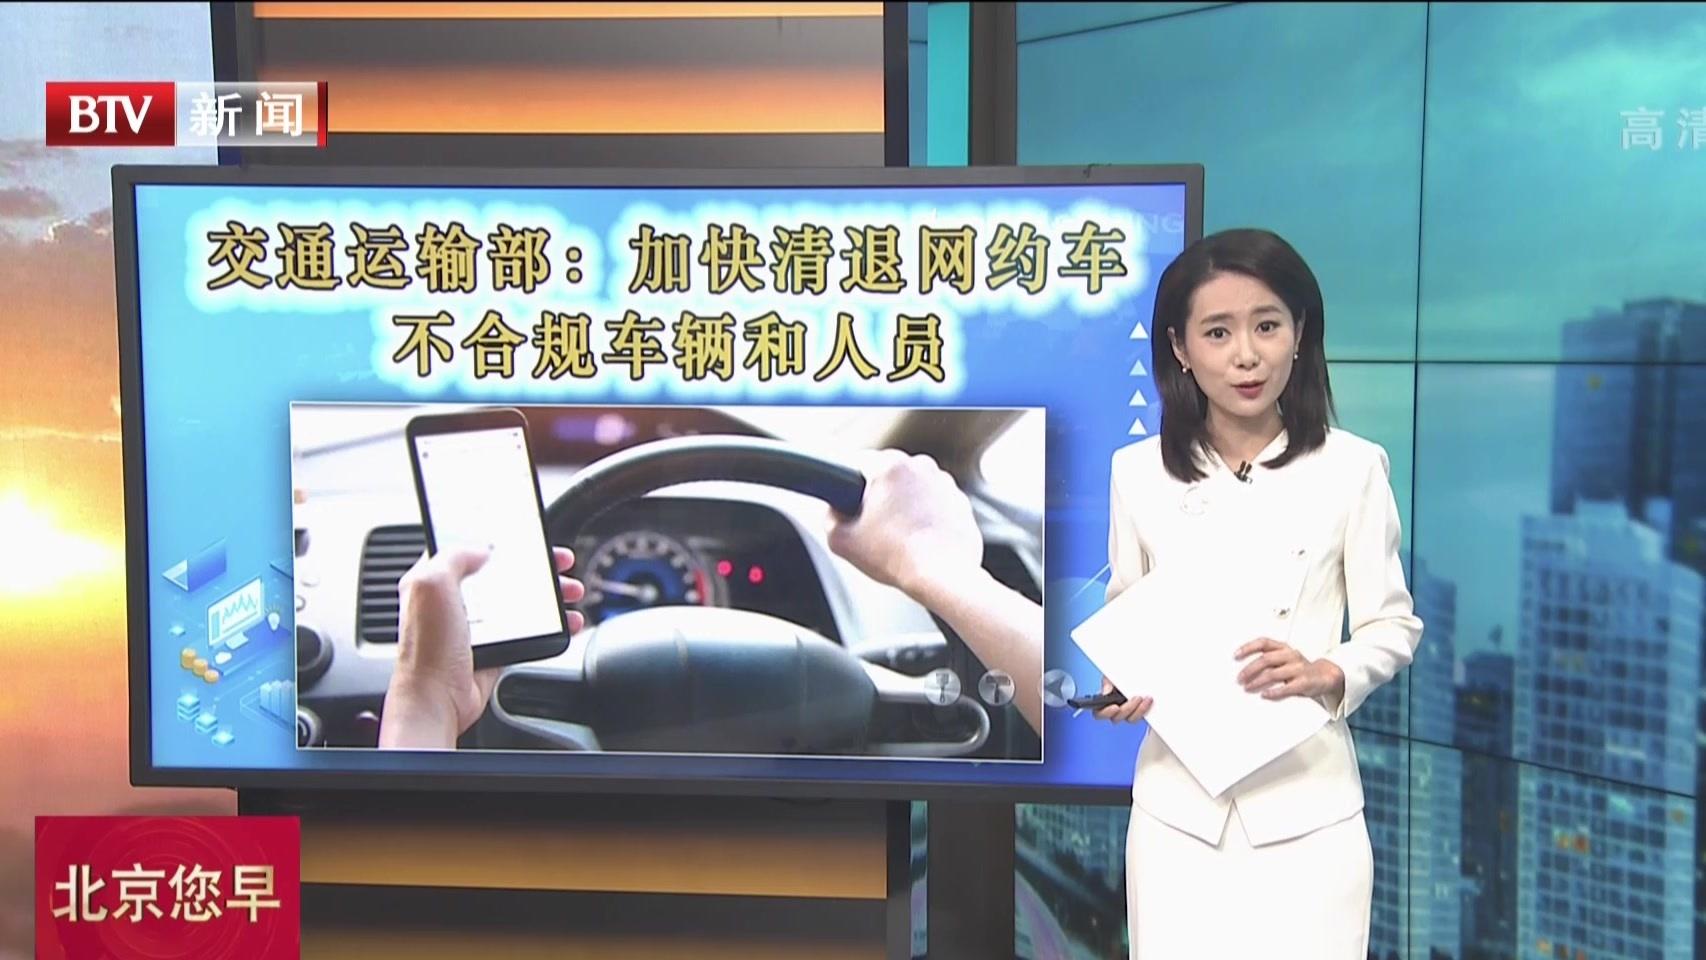 交通运输部:加快清退网约车不合规车辆和人员